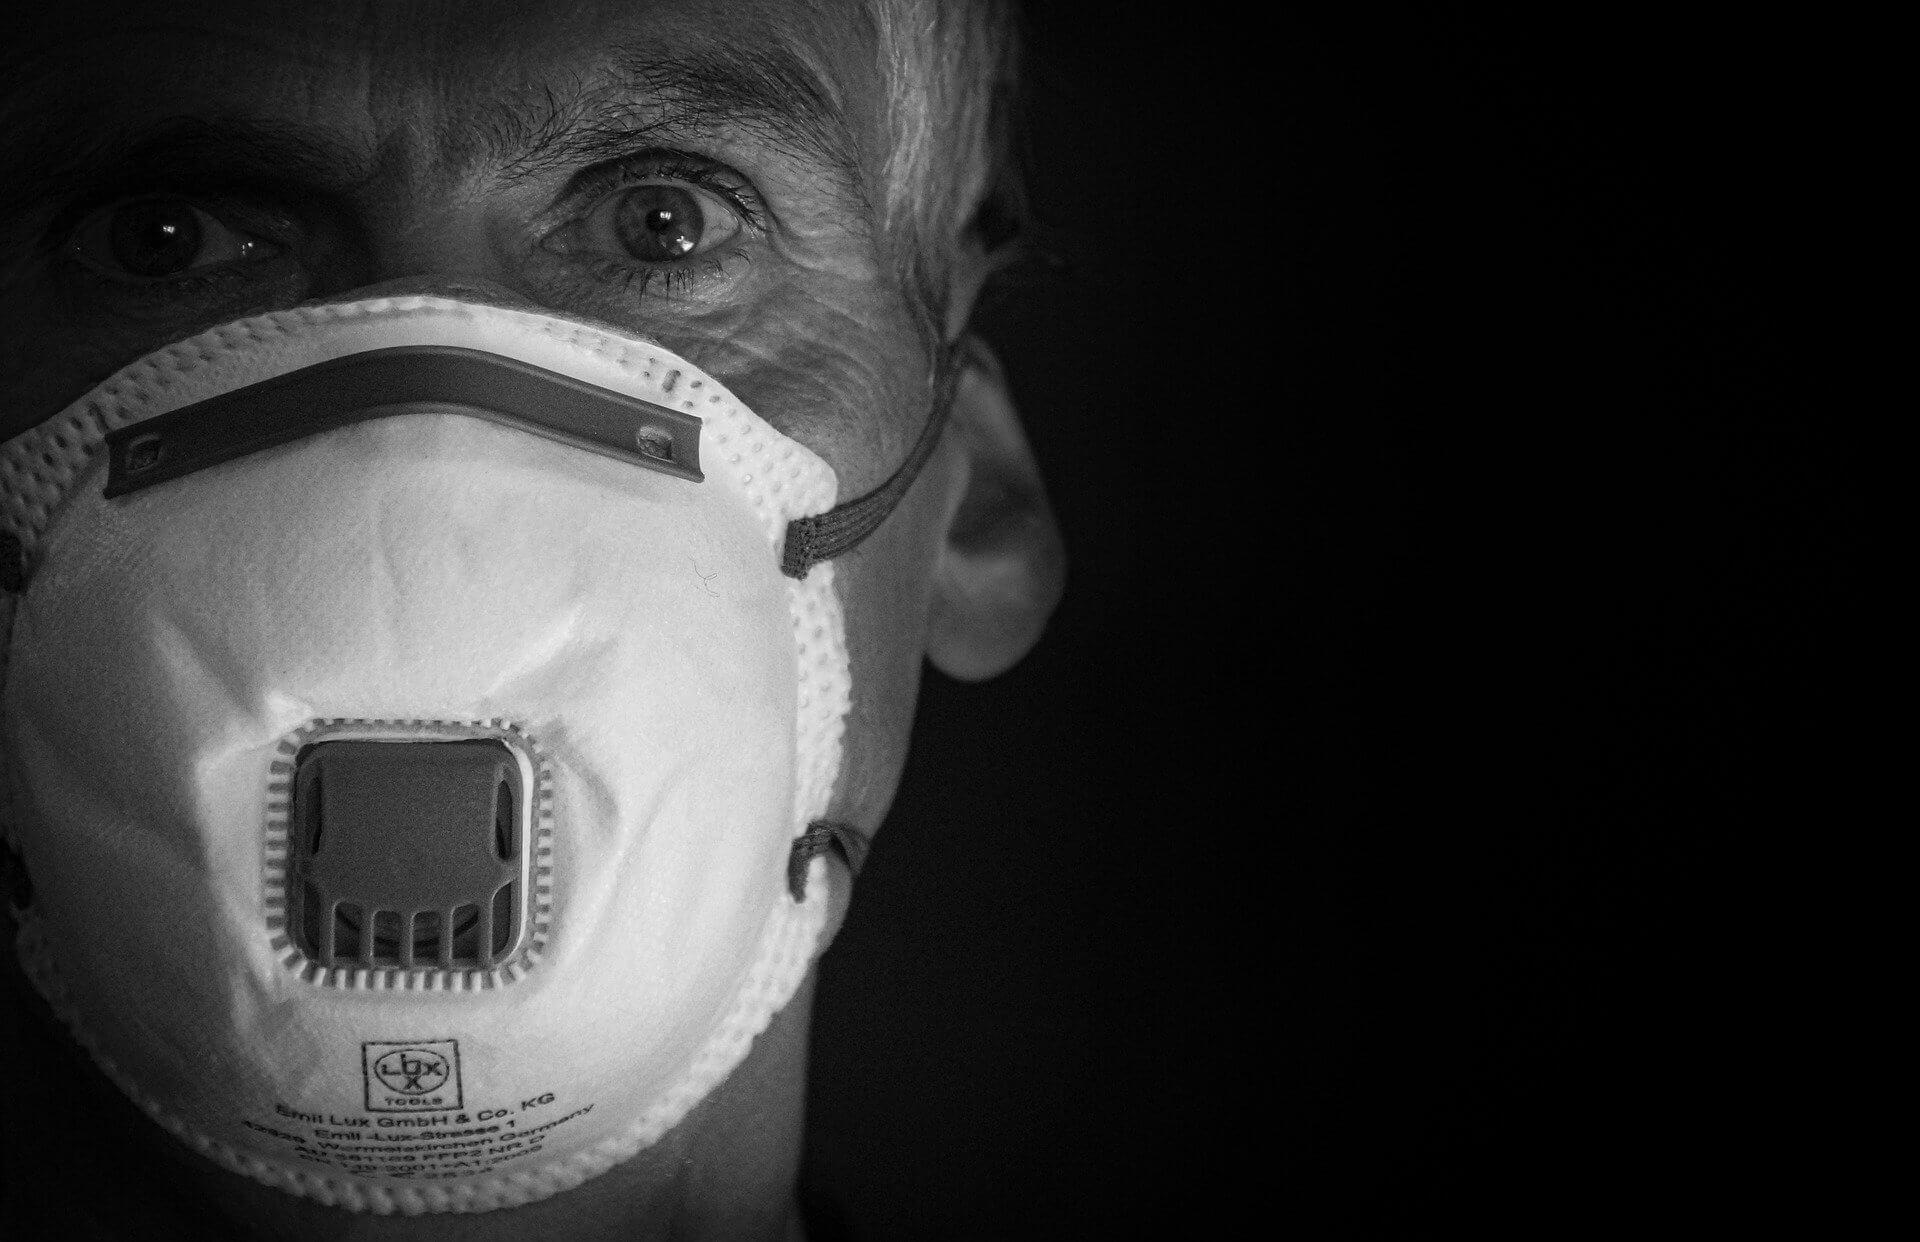 Novo istraživanje: Blizina zaraženih opasnija je nego diranje stvari nakon njih